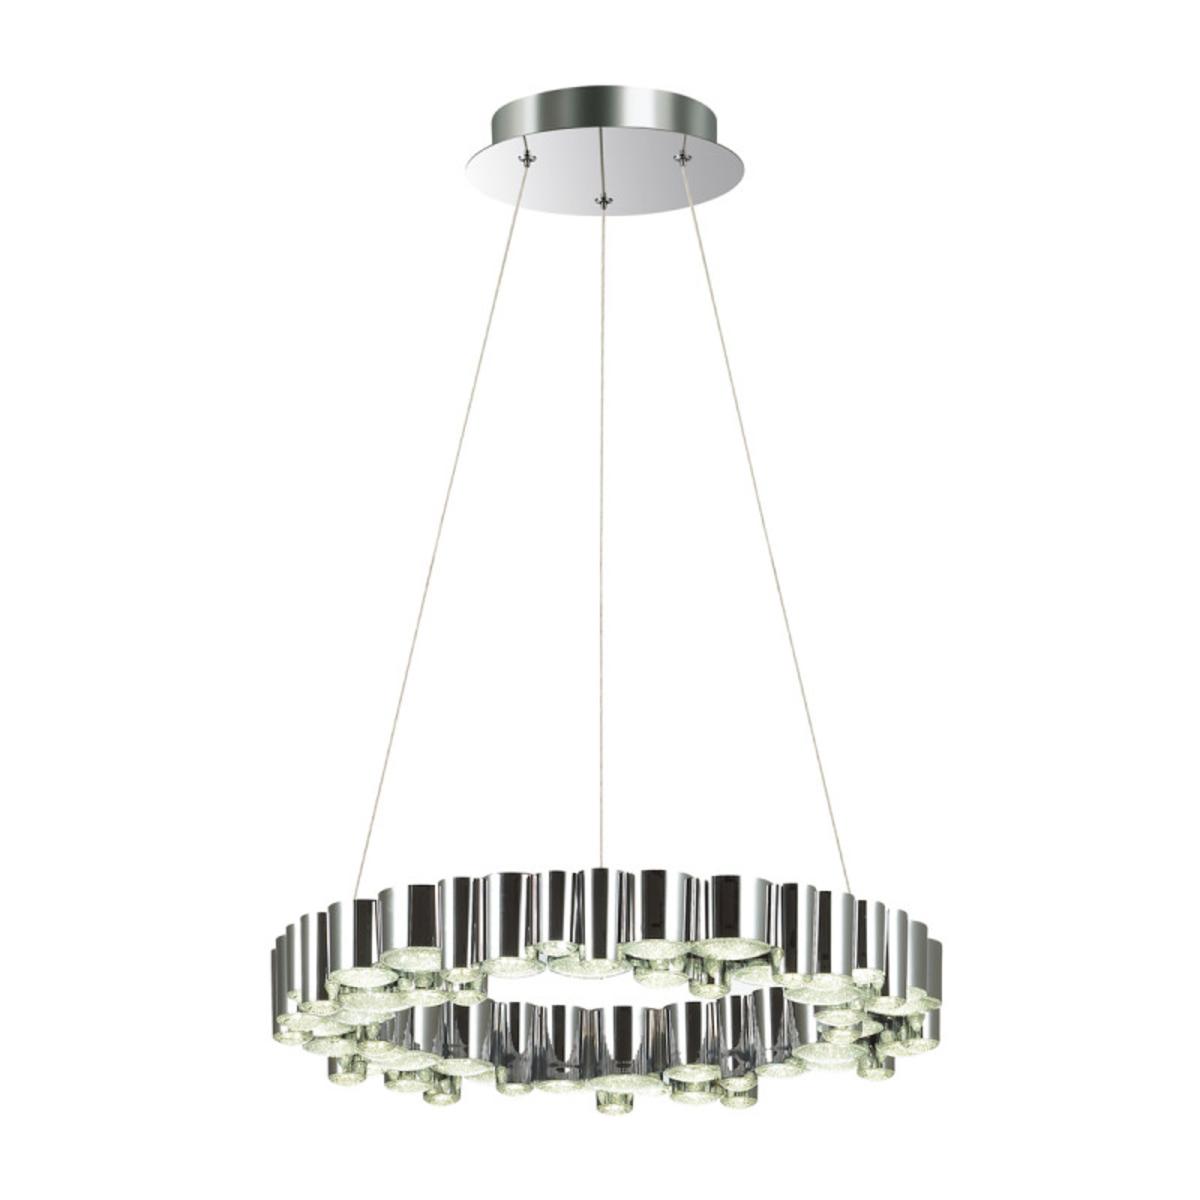 Купить Подвесной светильник ELIS Подвесной светильник Odeon Light 4108/36L (15570), HomeMe